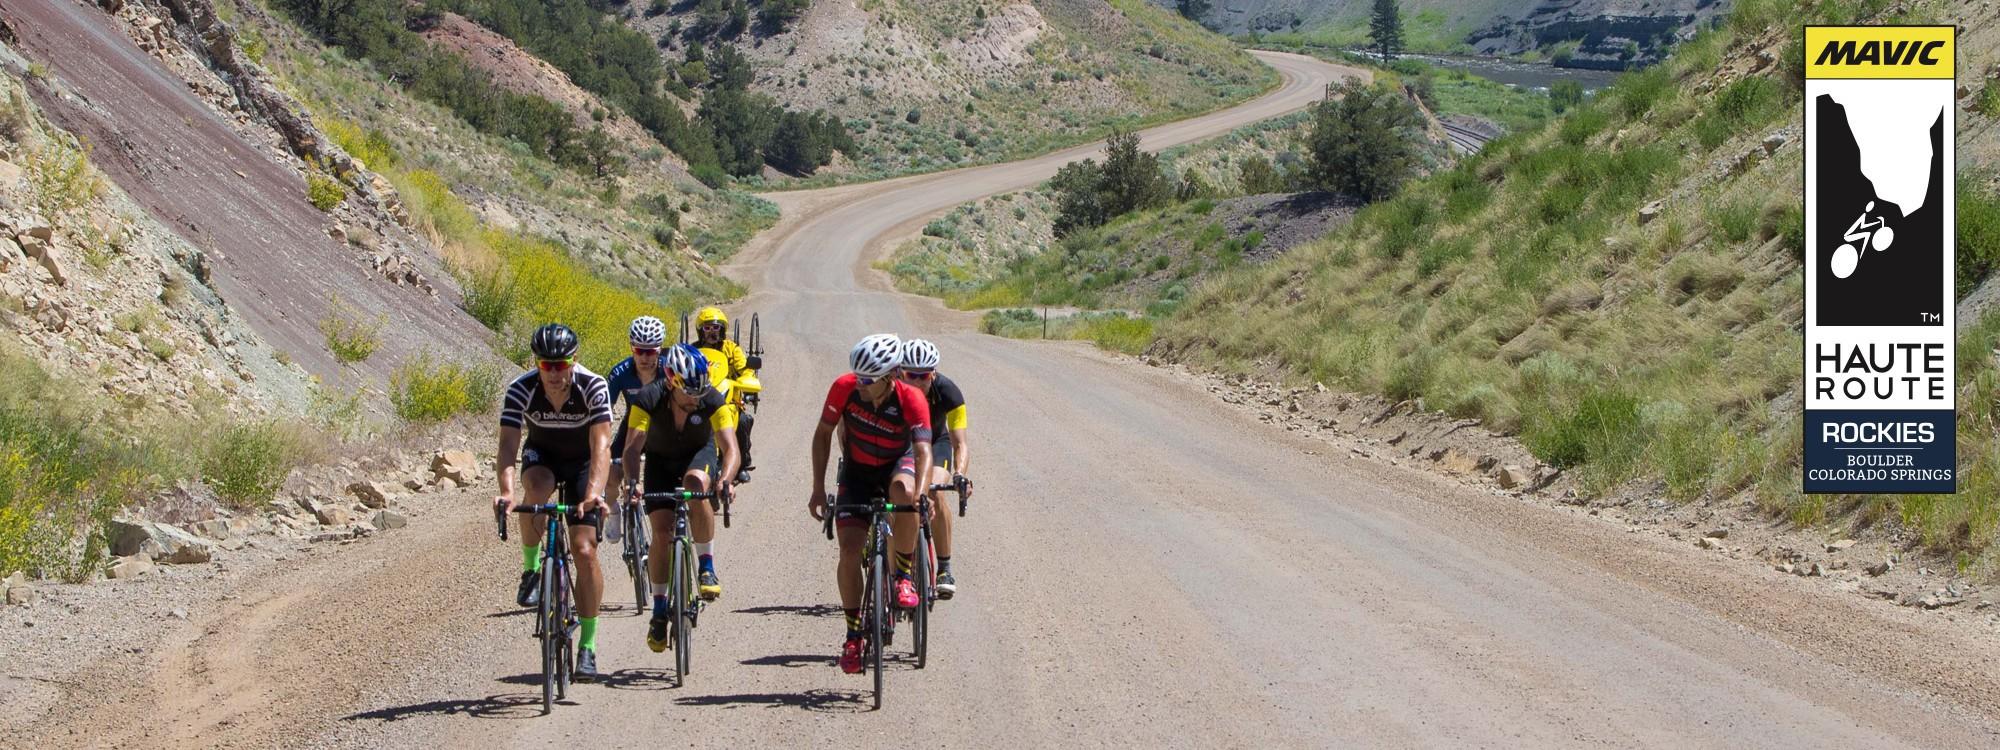 Colorado Springs Final Stop Of Mavic Haute Route Rockies